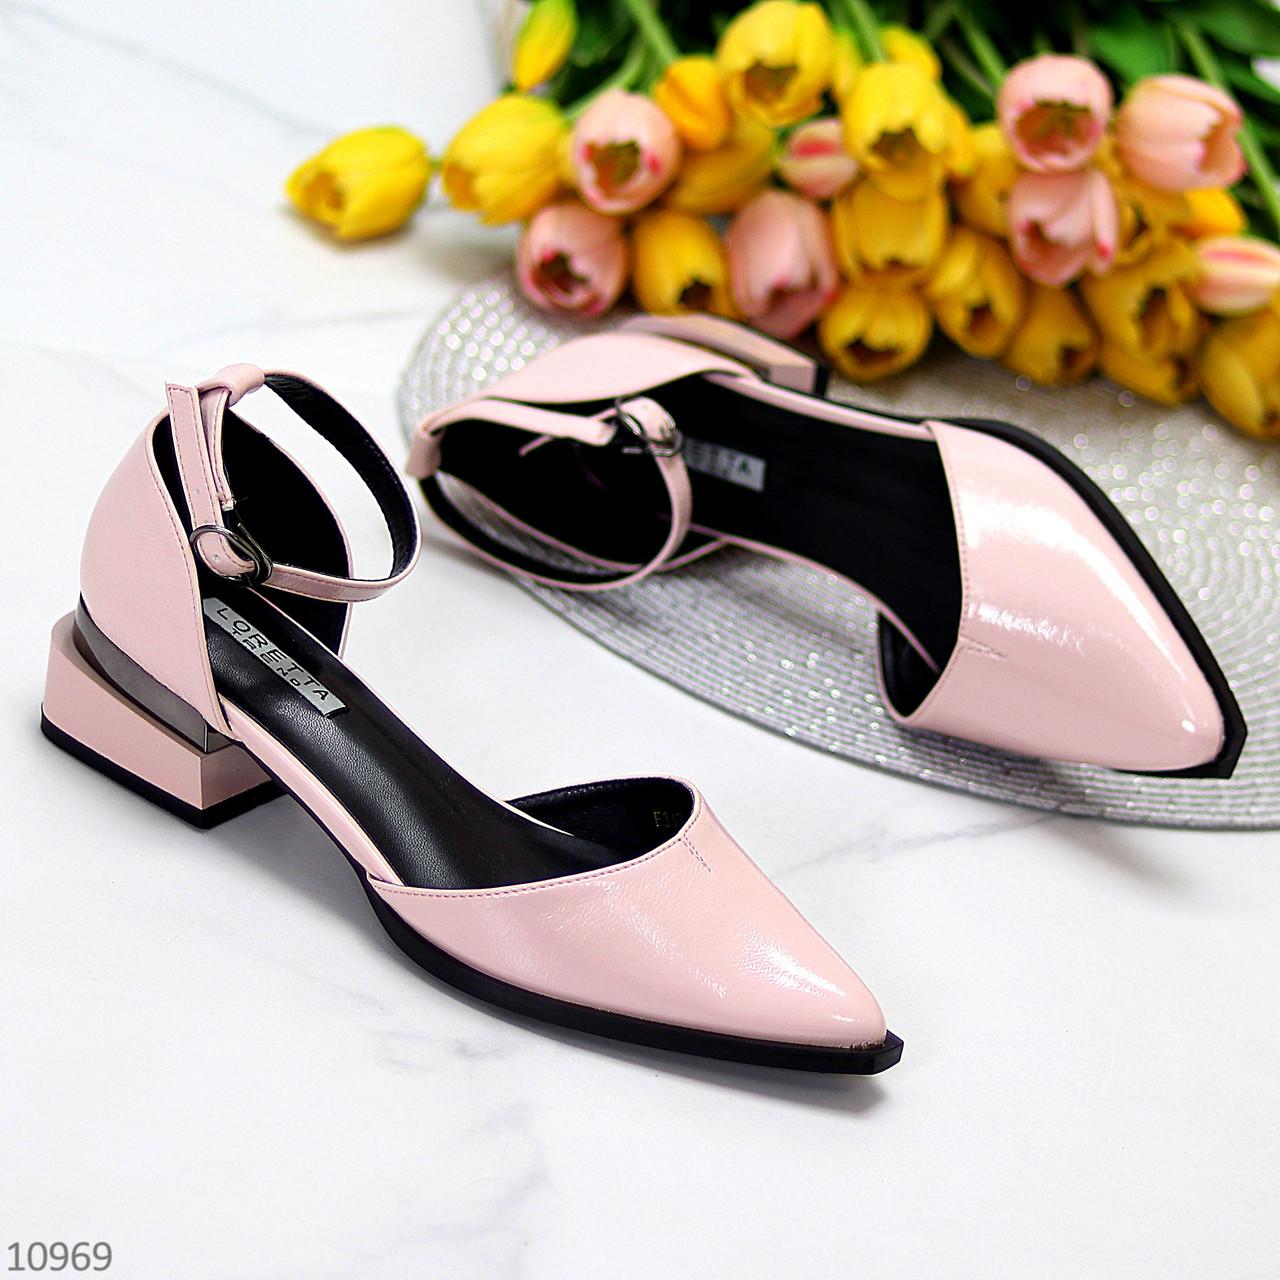 Туфли женские розовые с ремешком эко-лак на маленьком каблуке 4 см